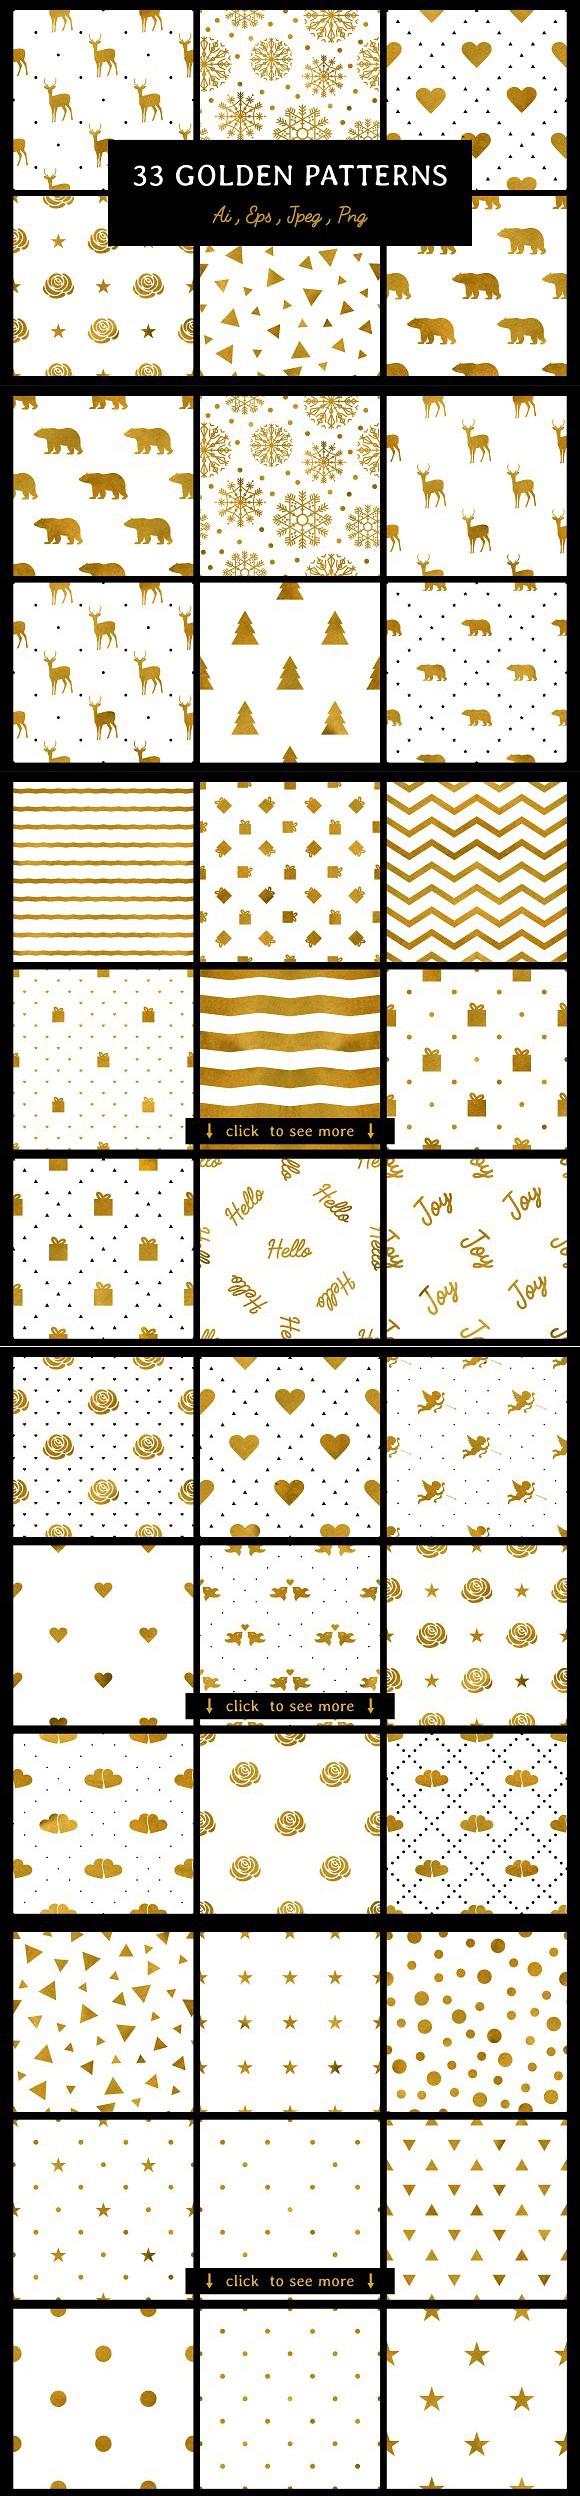 33 Golden patterns. Wedding Card Templates. $24.00